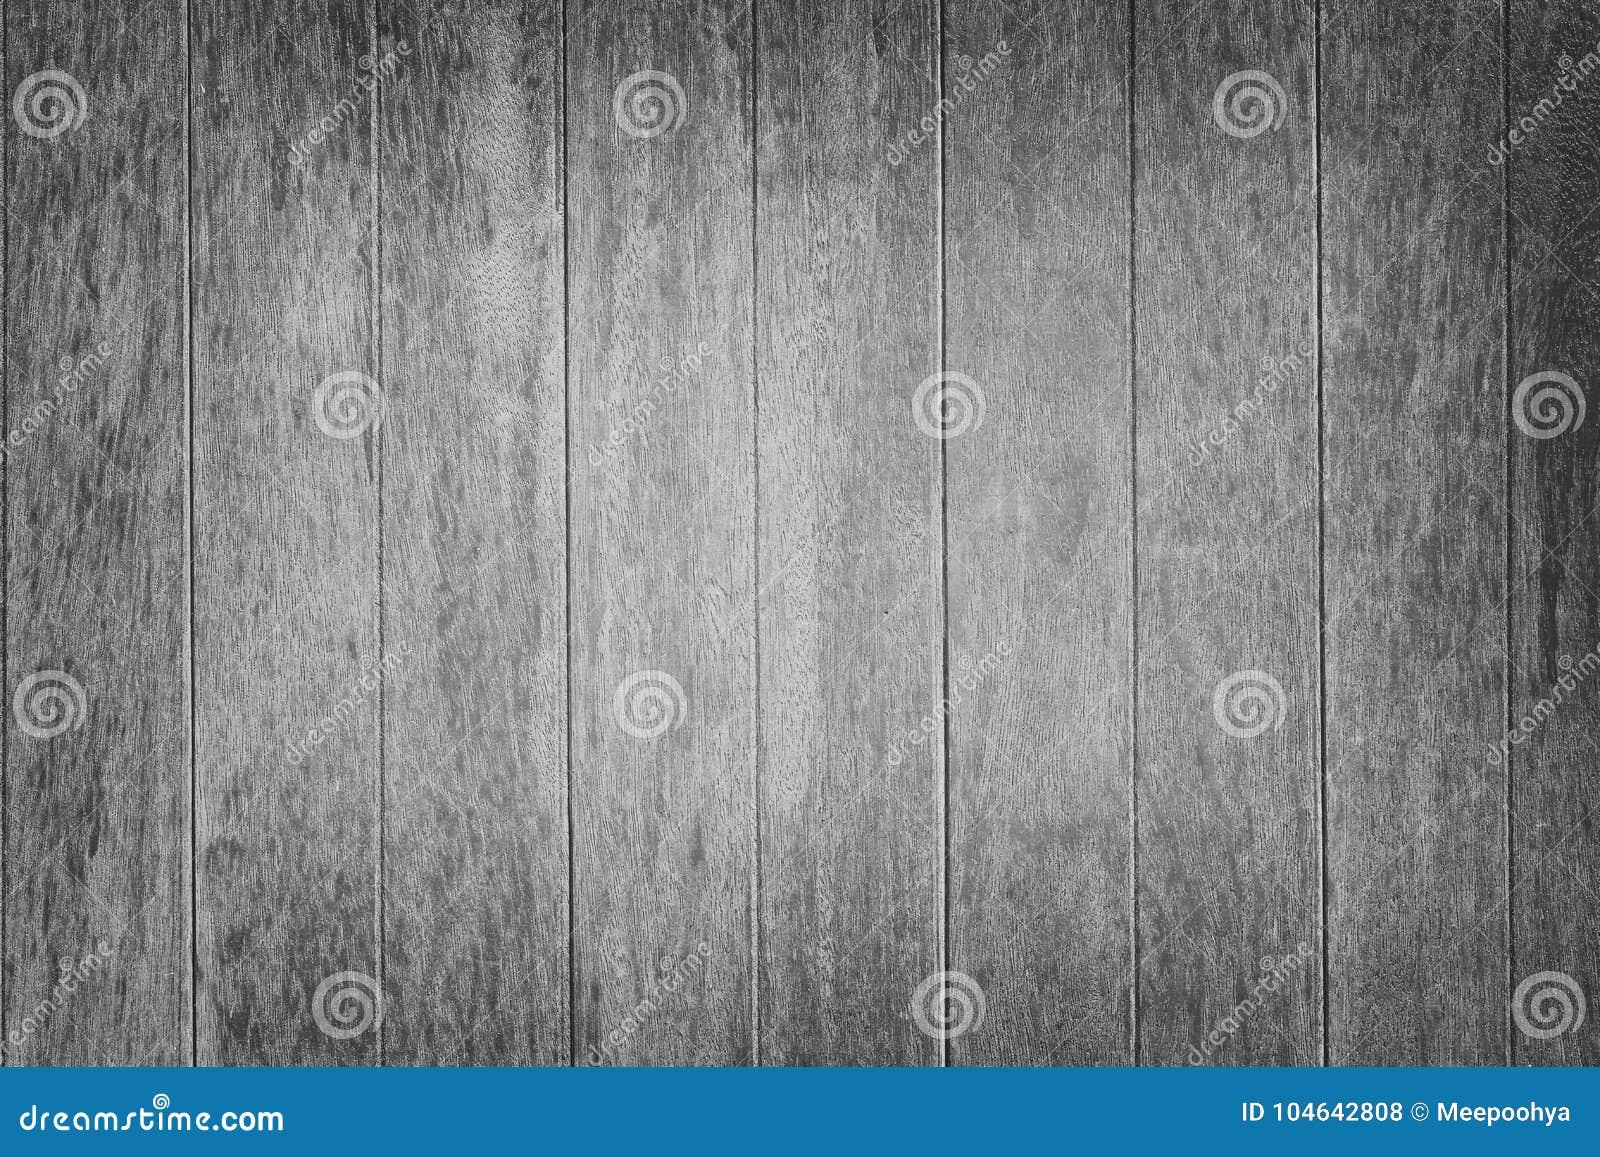 Pareti In Legno Bianco : Fondo di legno di struttura di colore in bianco e nero